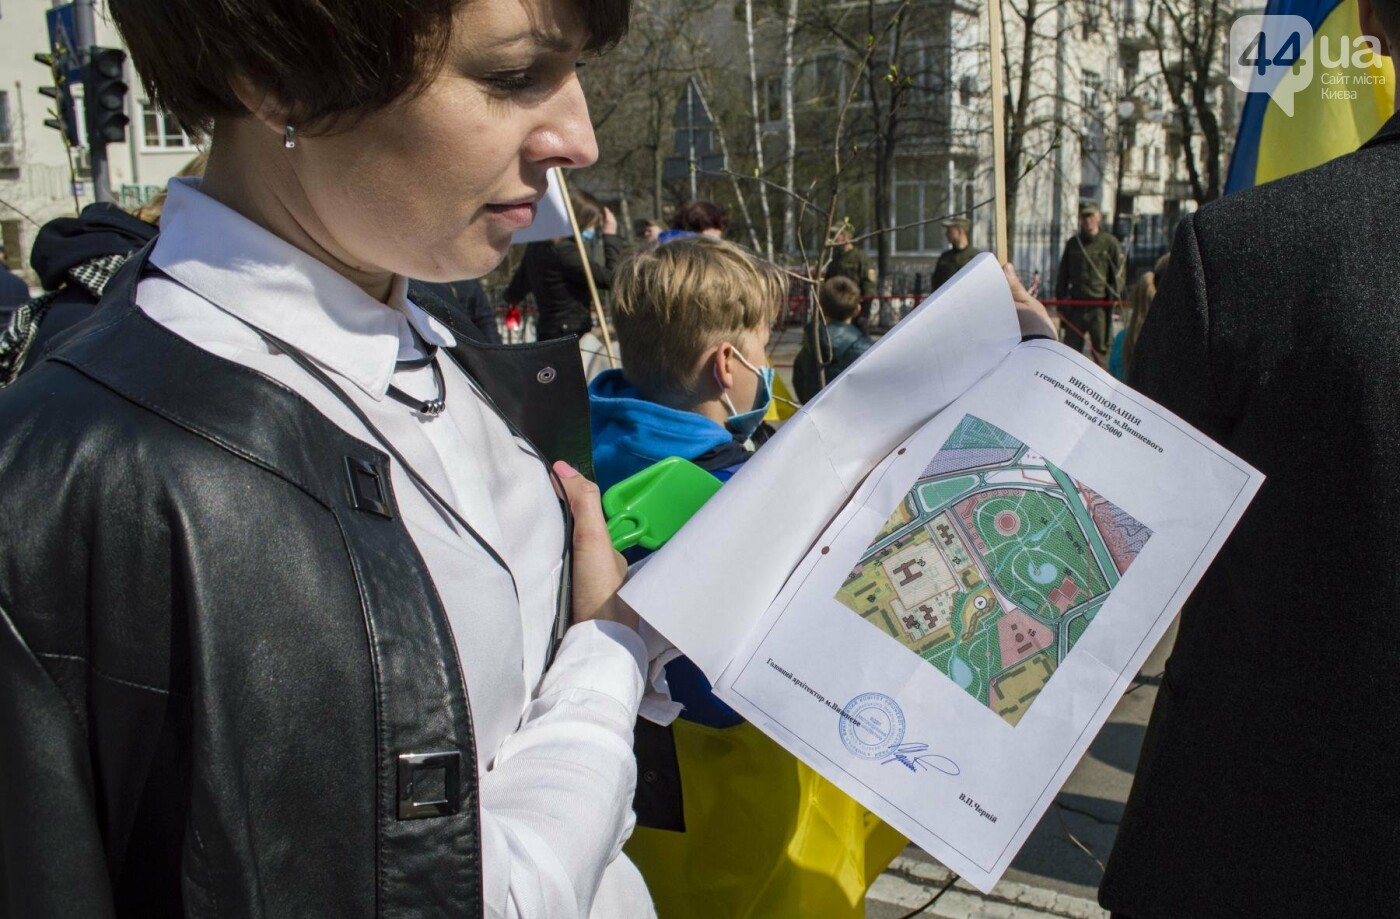 Под Киевом вместо школы хотят построить многоэтажку: жители вышли на митинг, фото-6